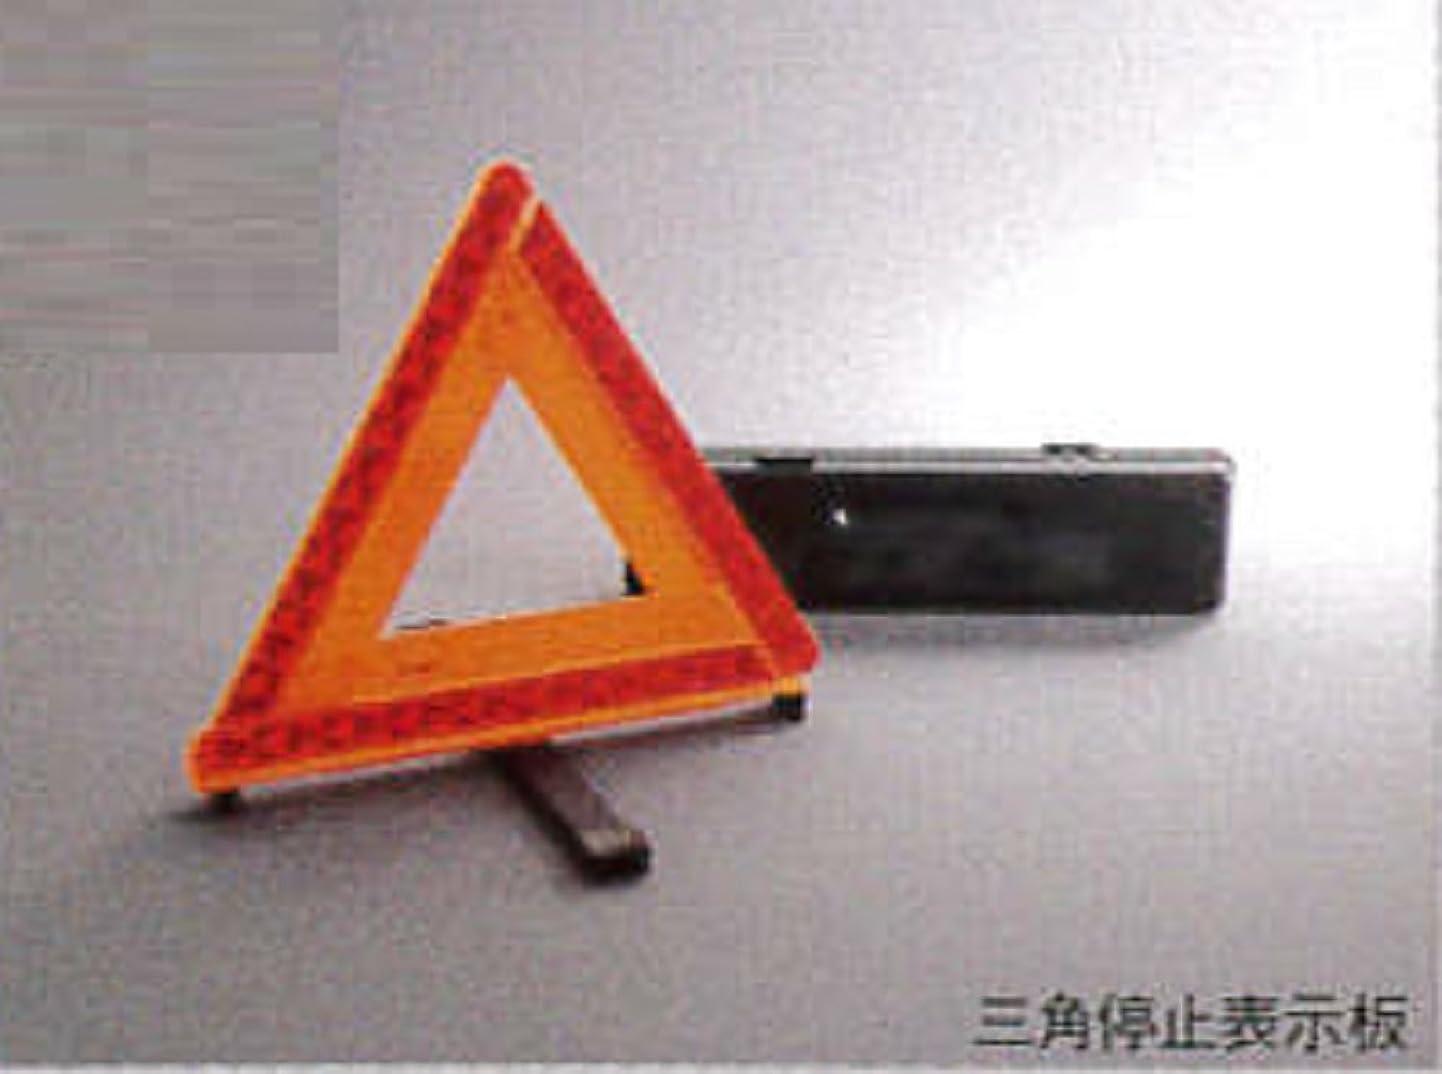 適応的未接続スクラブ三角停止表示板 国内三菱純正OP MITSUBISHI i & i-MiEV 三菱 アイ & アイミーブ